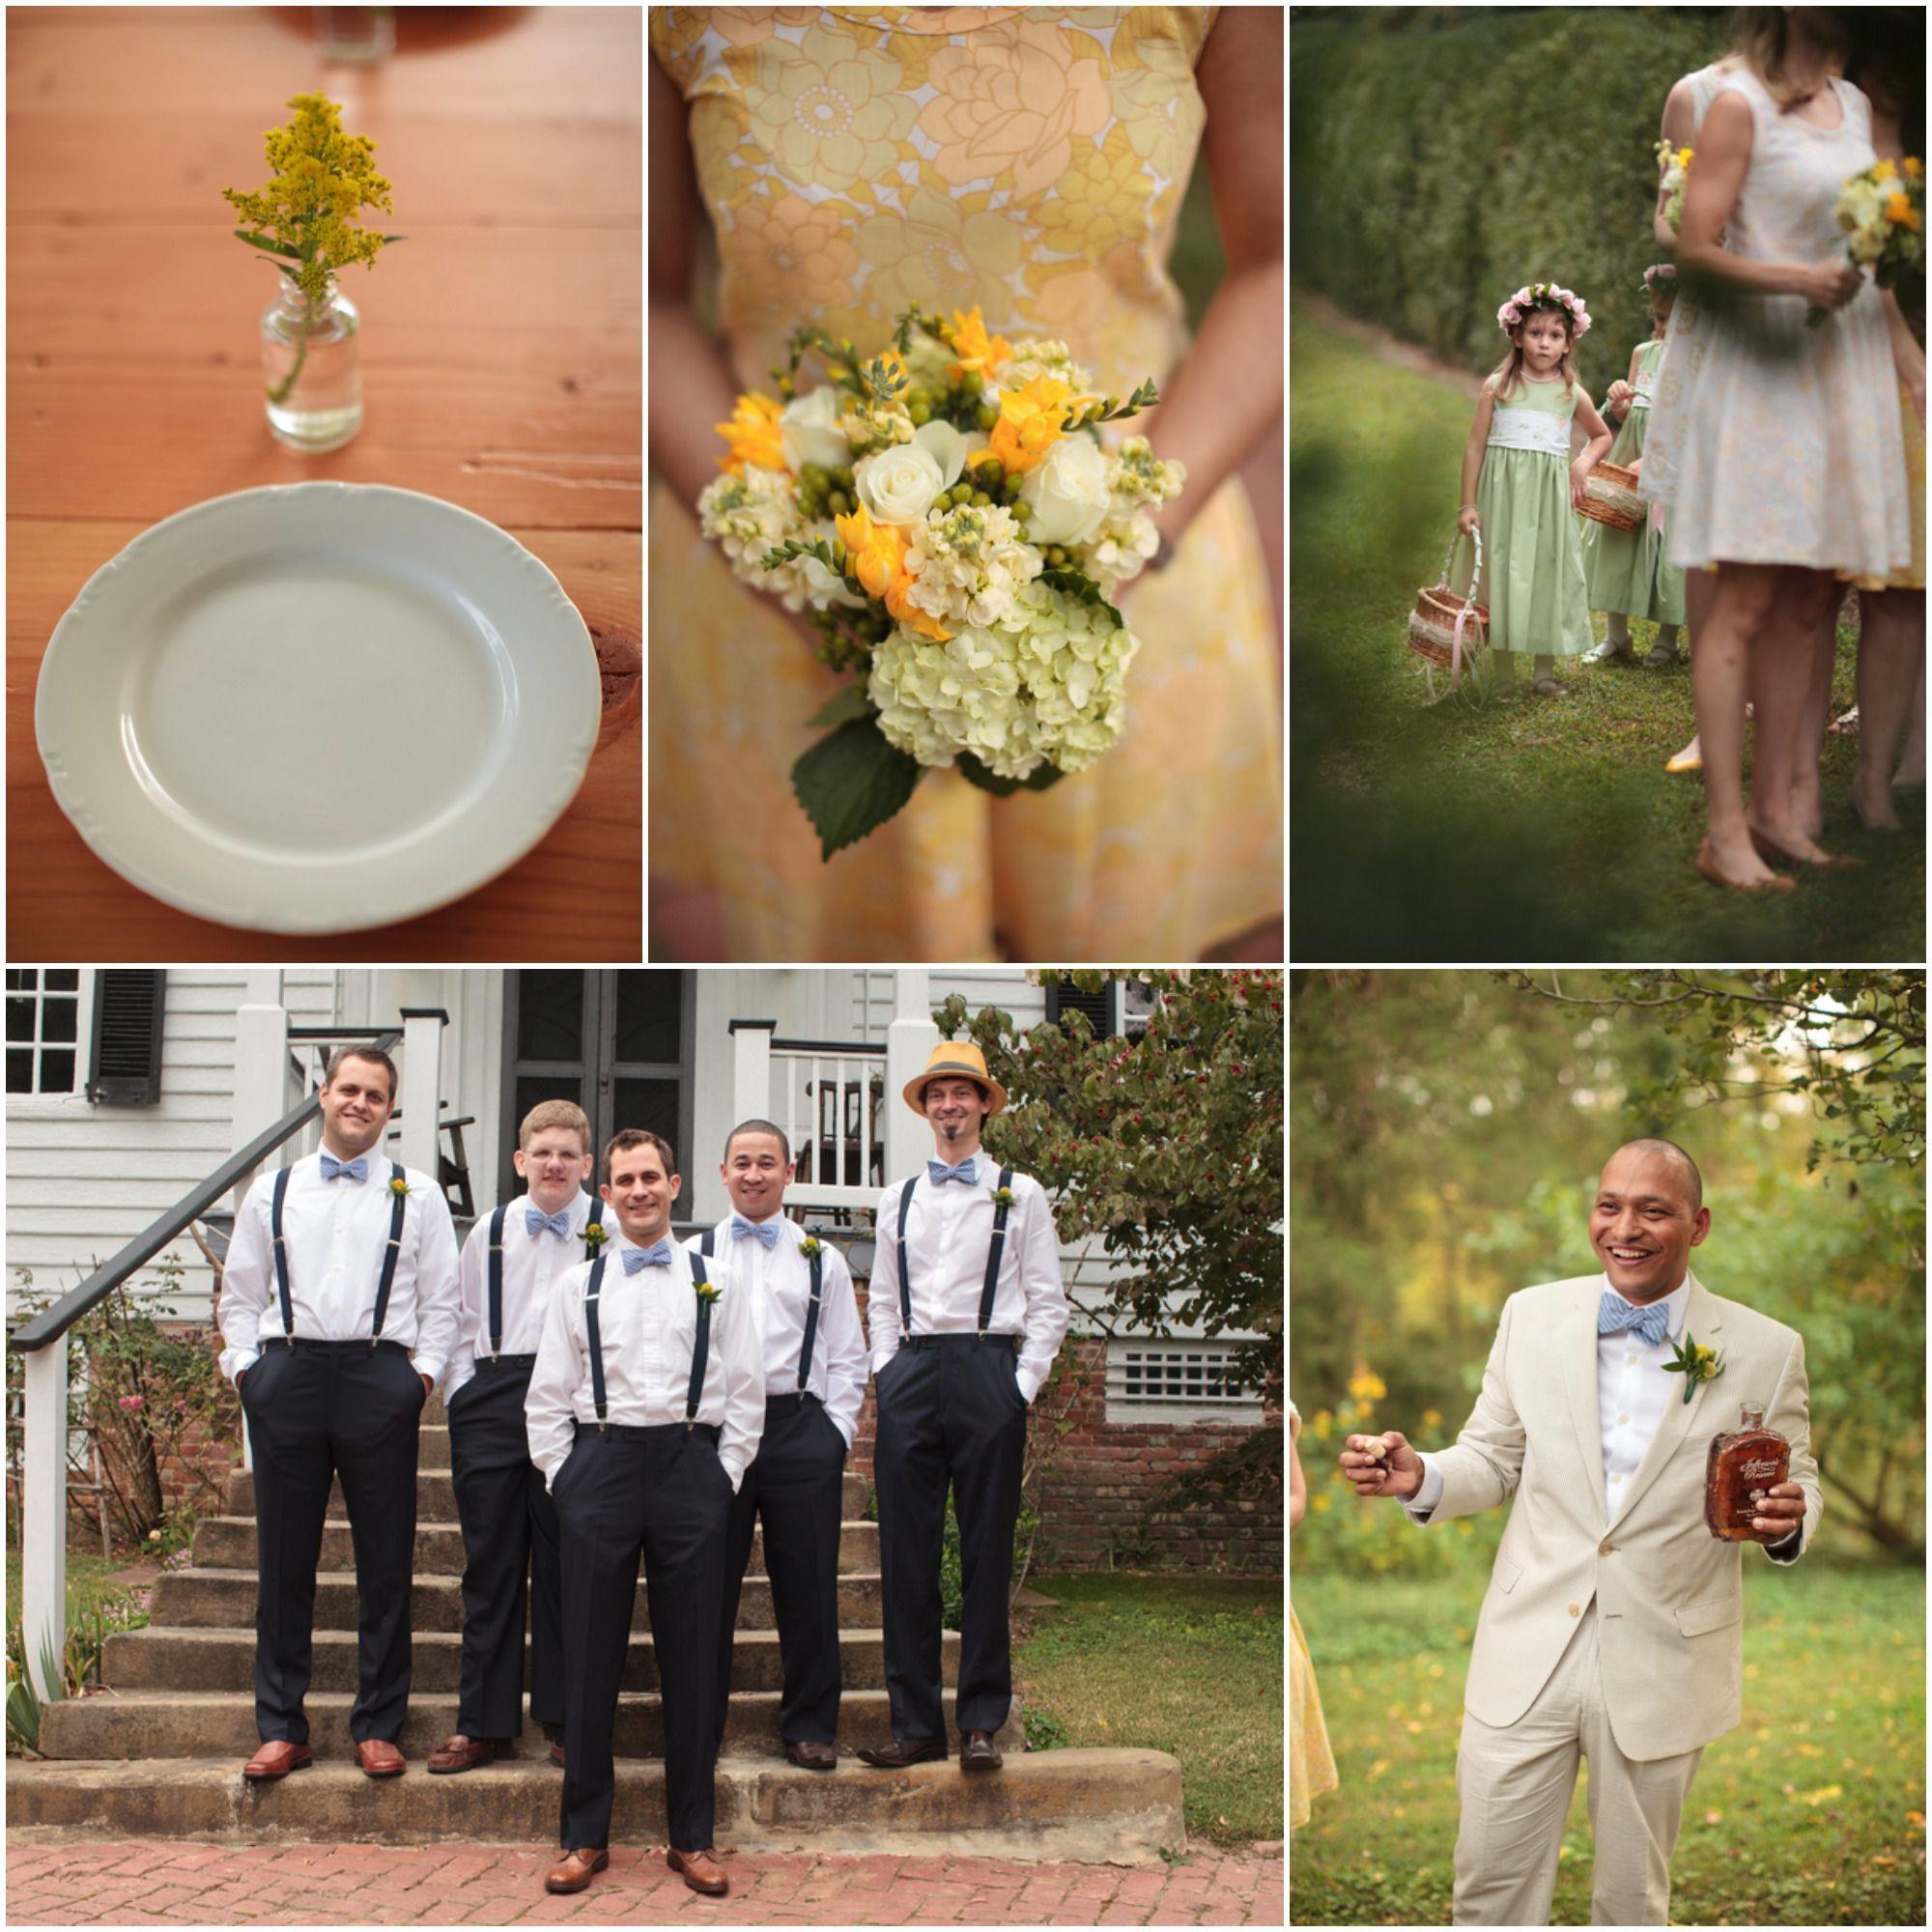 Rustic Wedding Chic: Virginia Farm Wedding At Tuckahoe Plantation